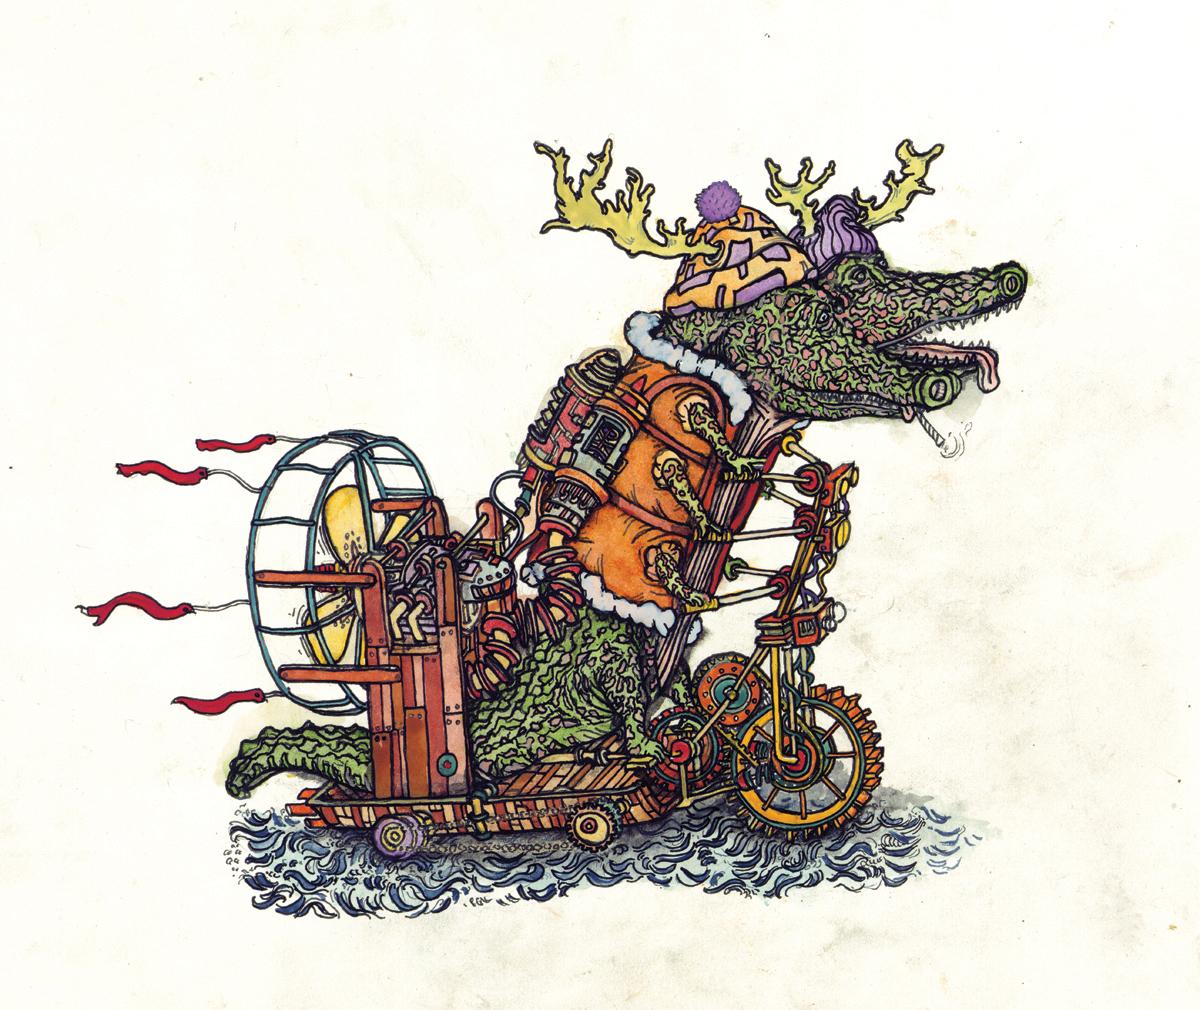 gatorcycle, c.b.r. 2015